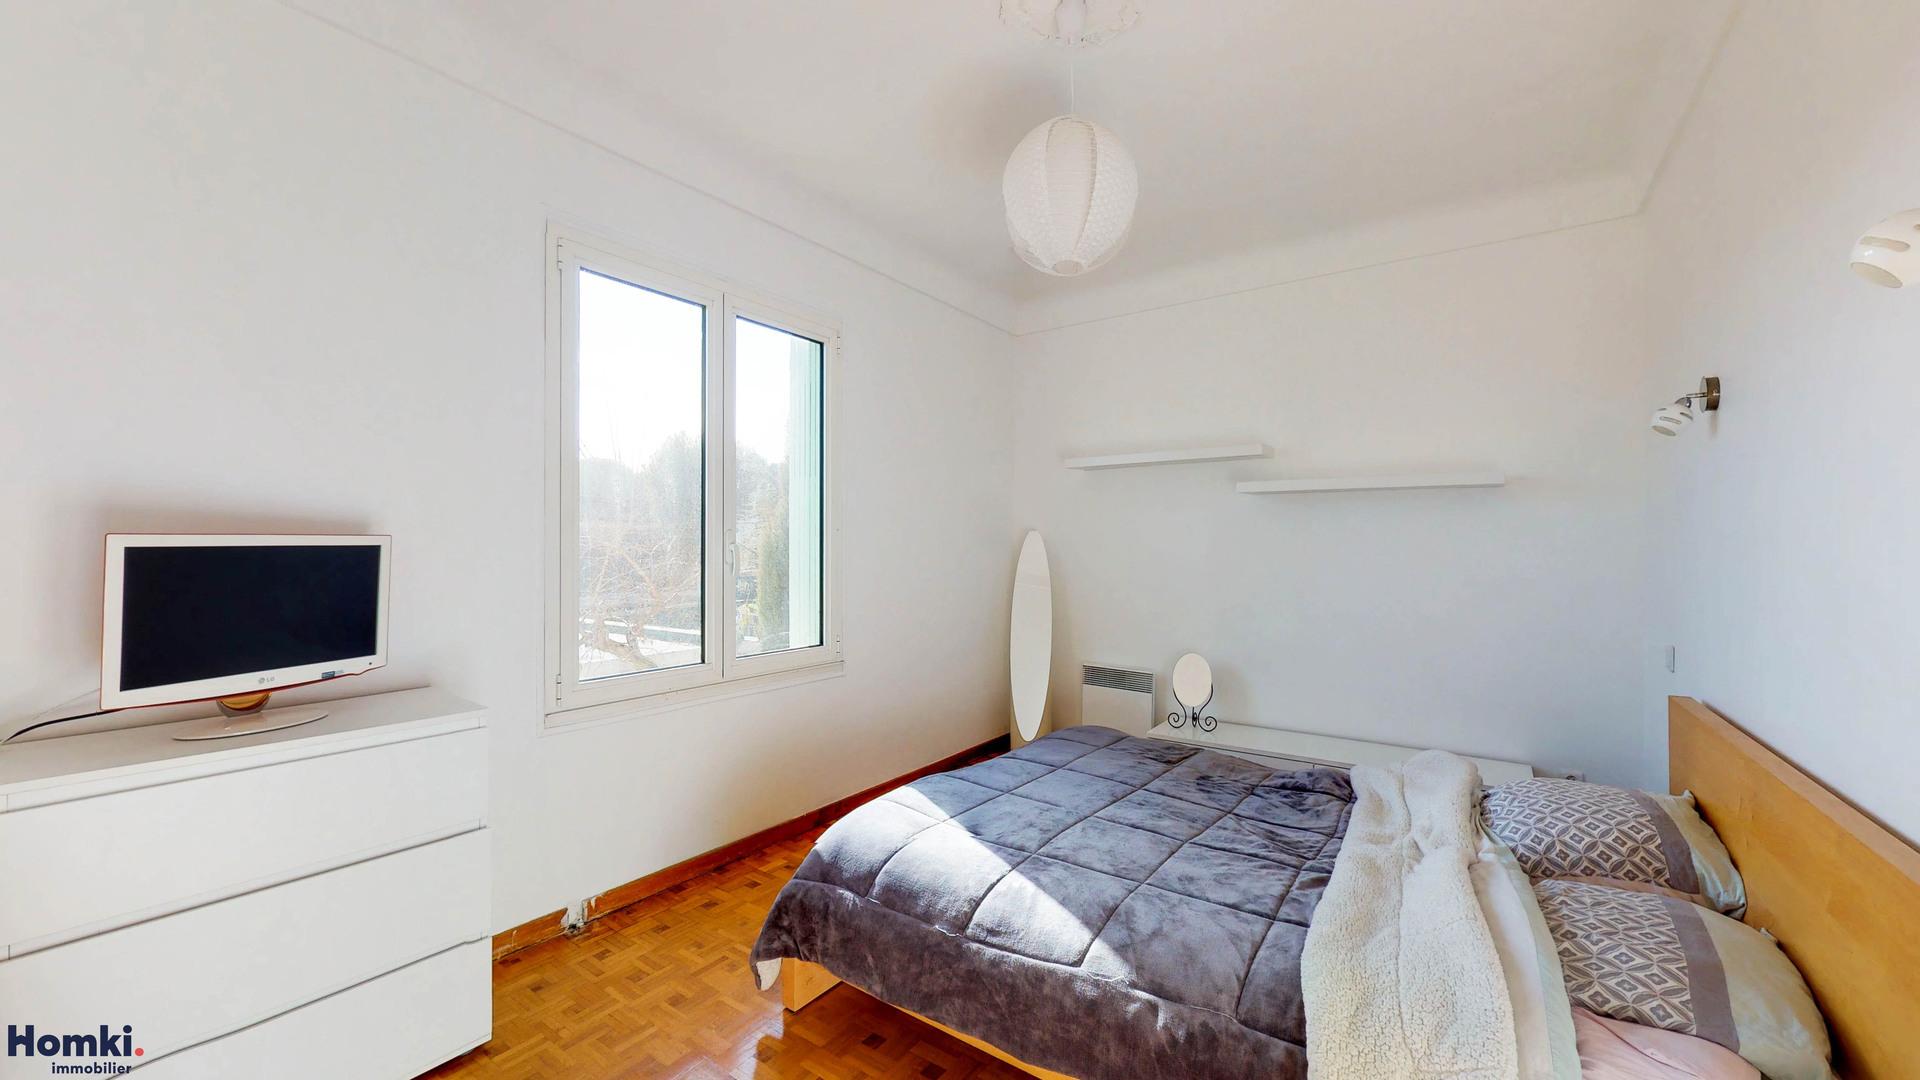 Vente Appartement 104 m² T4 13400 Aubagne_7